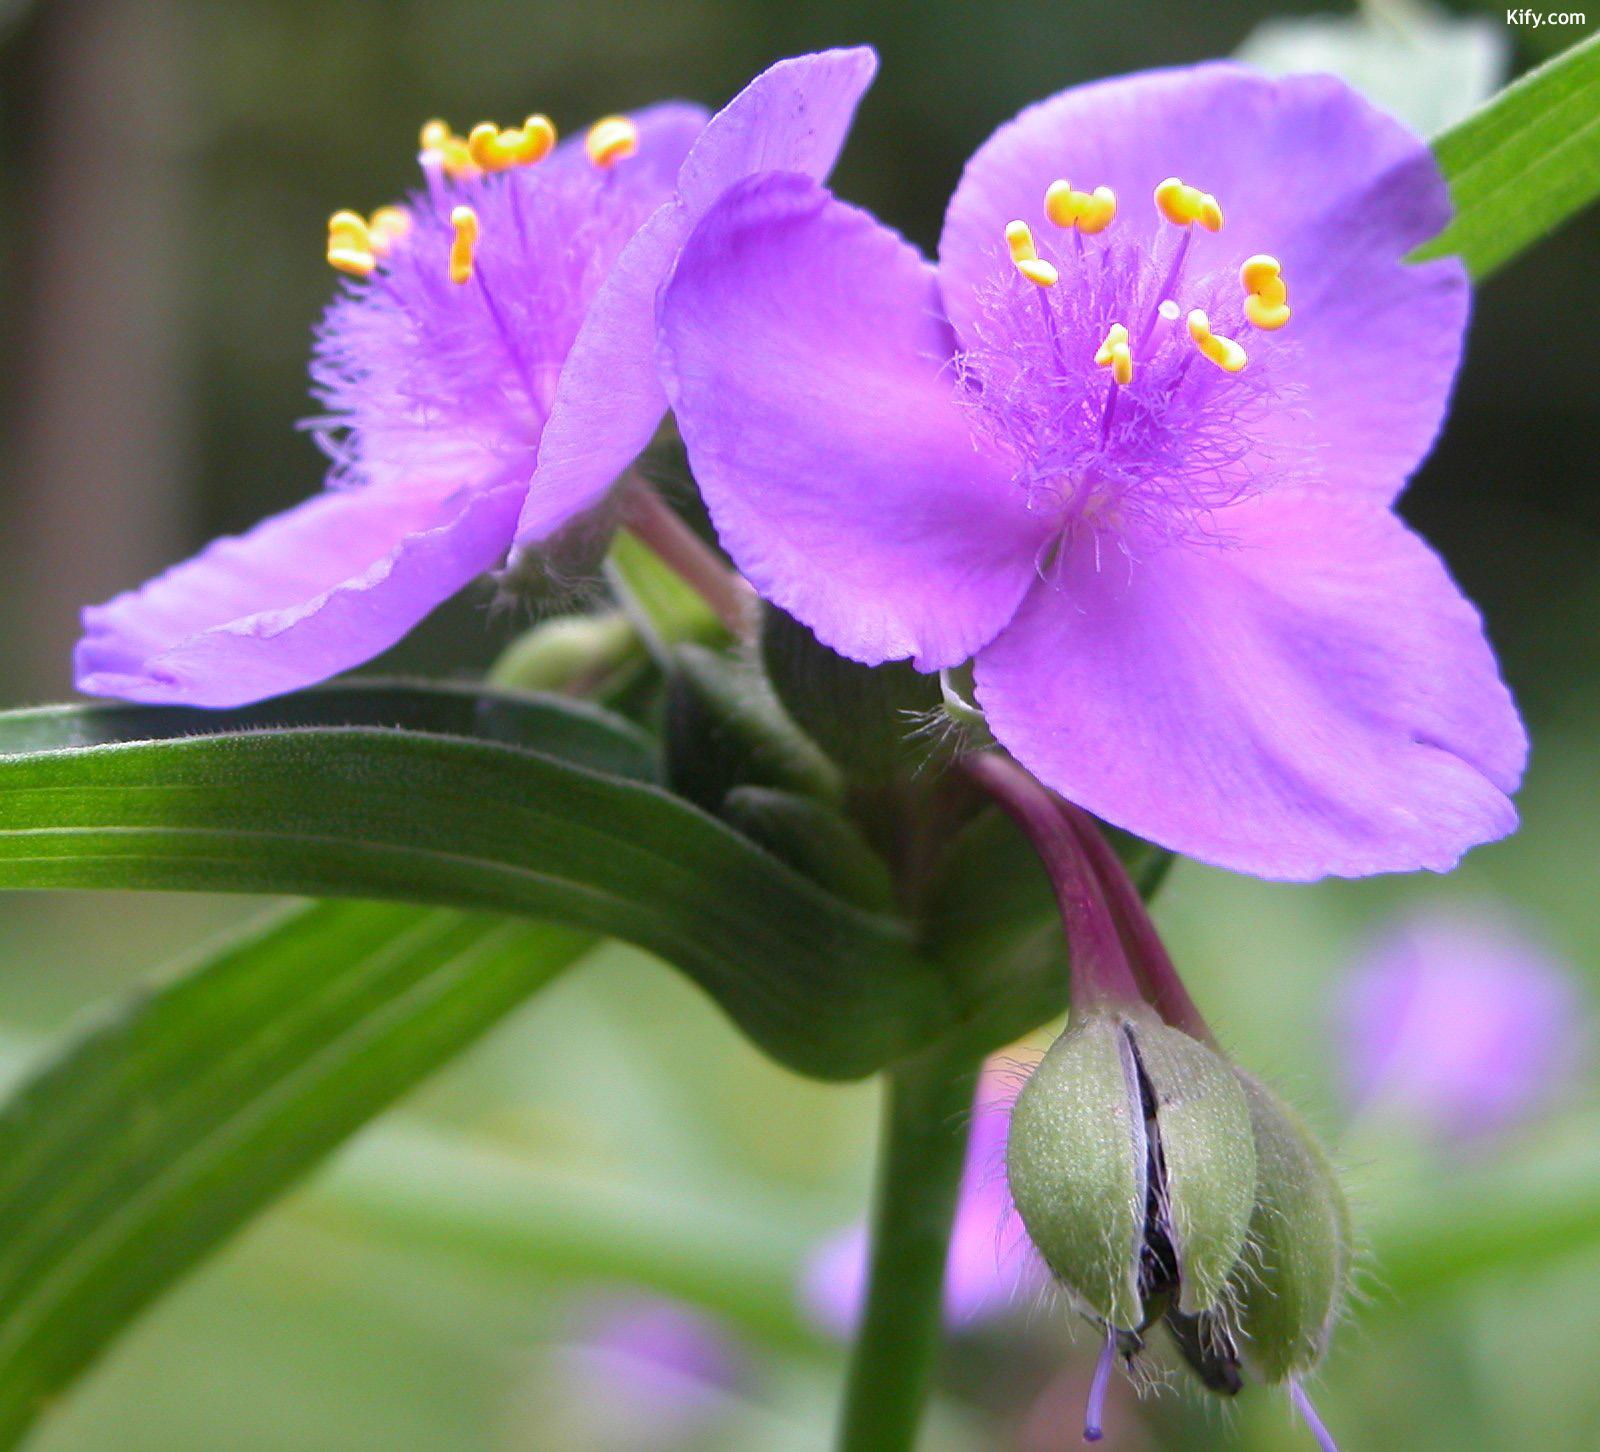 Purple Nature Wallpapers and Screensavers - WallpaperSafari